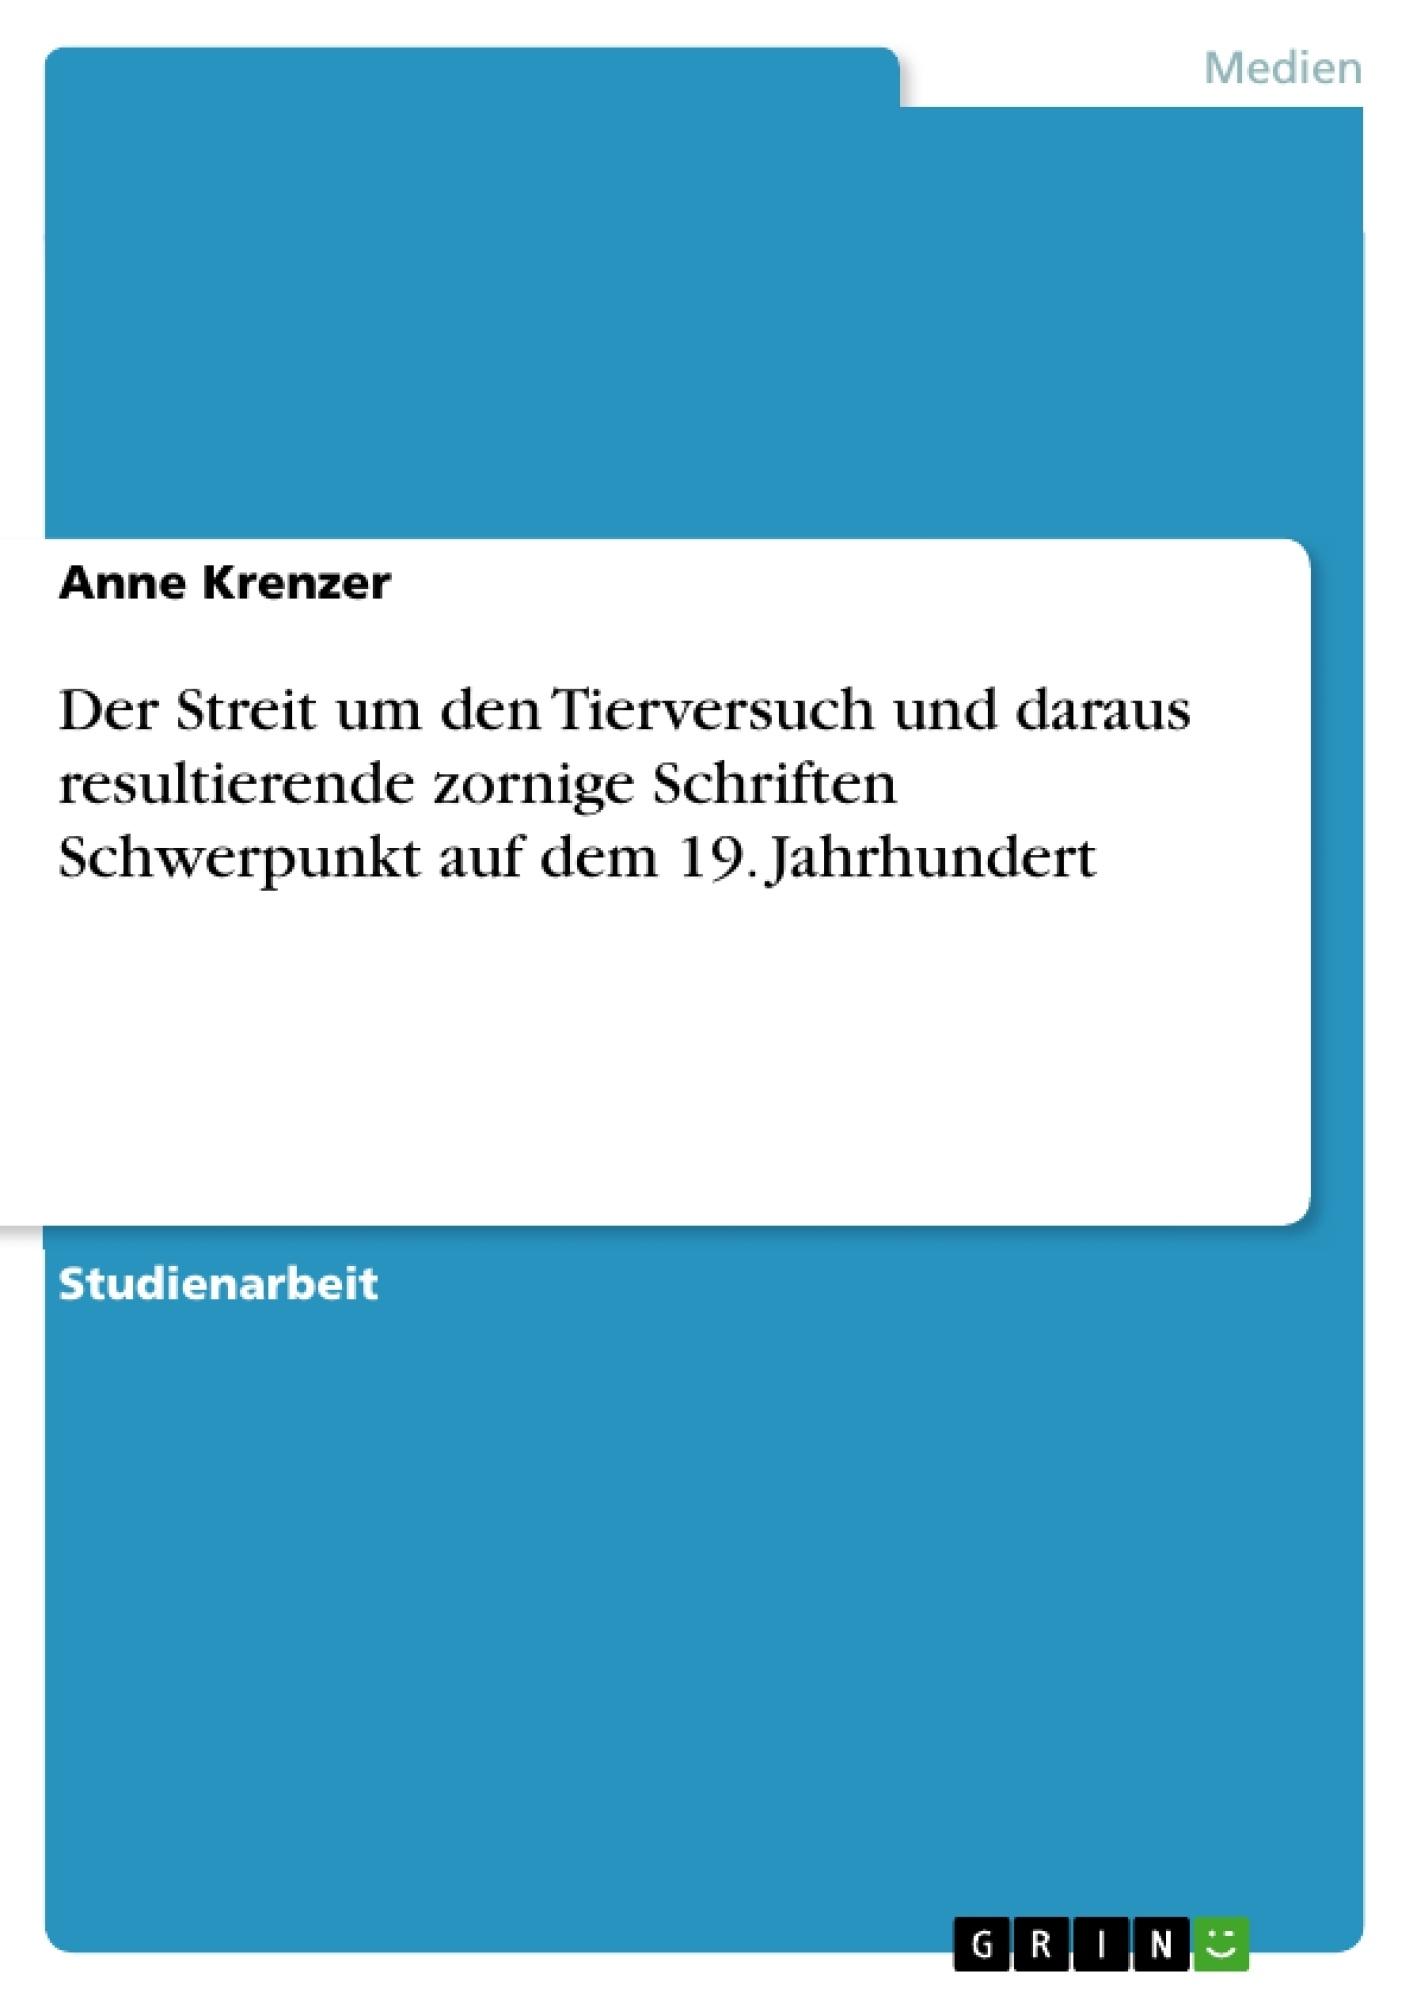 Titel: Der Streit um den Tierversuch und daraus resultierende zornige Schriften Schwerpunkt auf dem 19. Jahrhundert